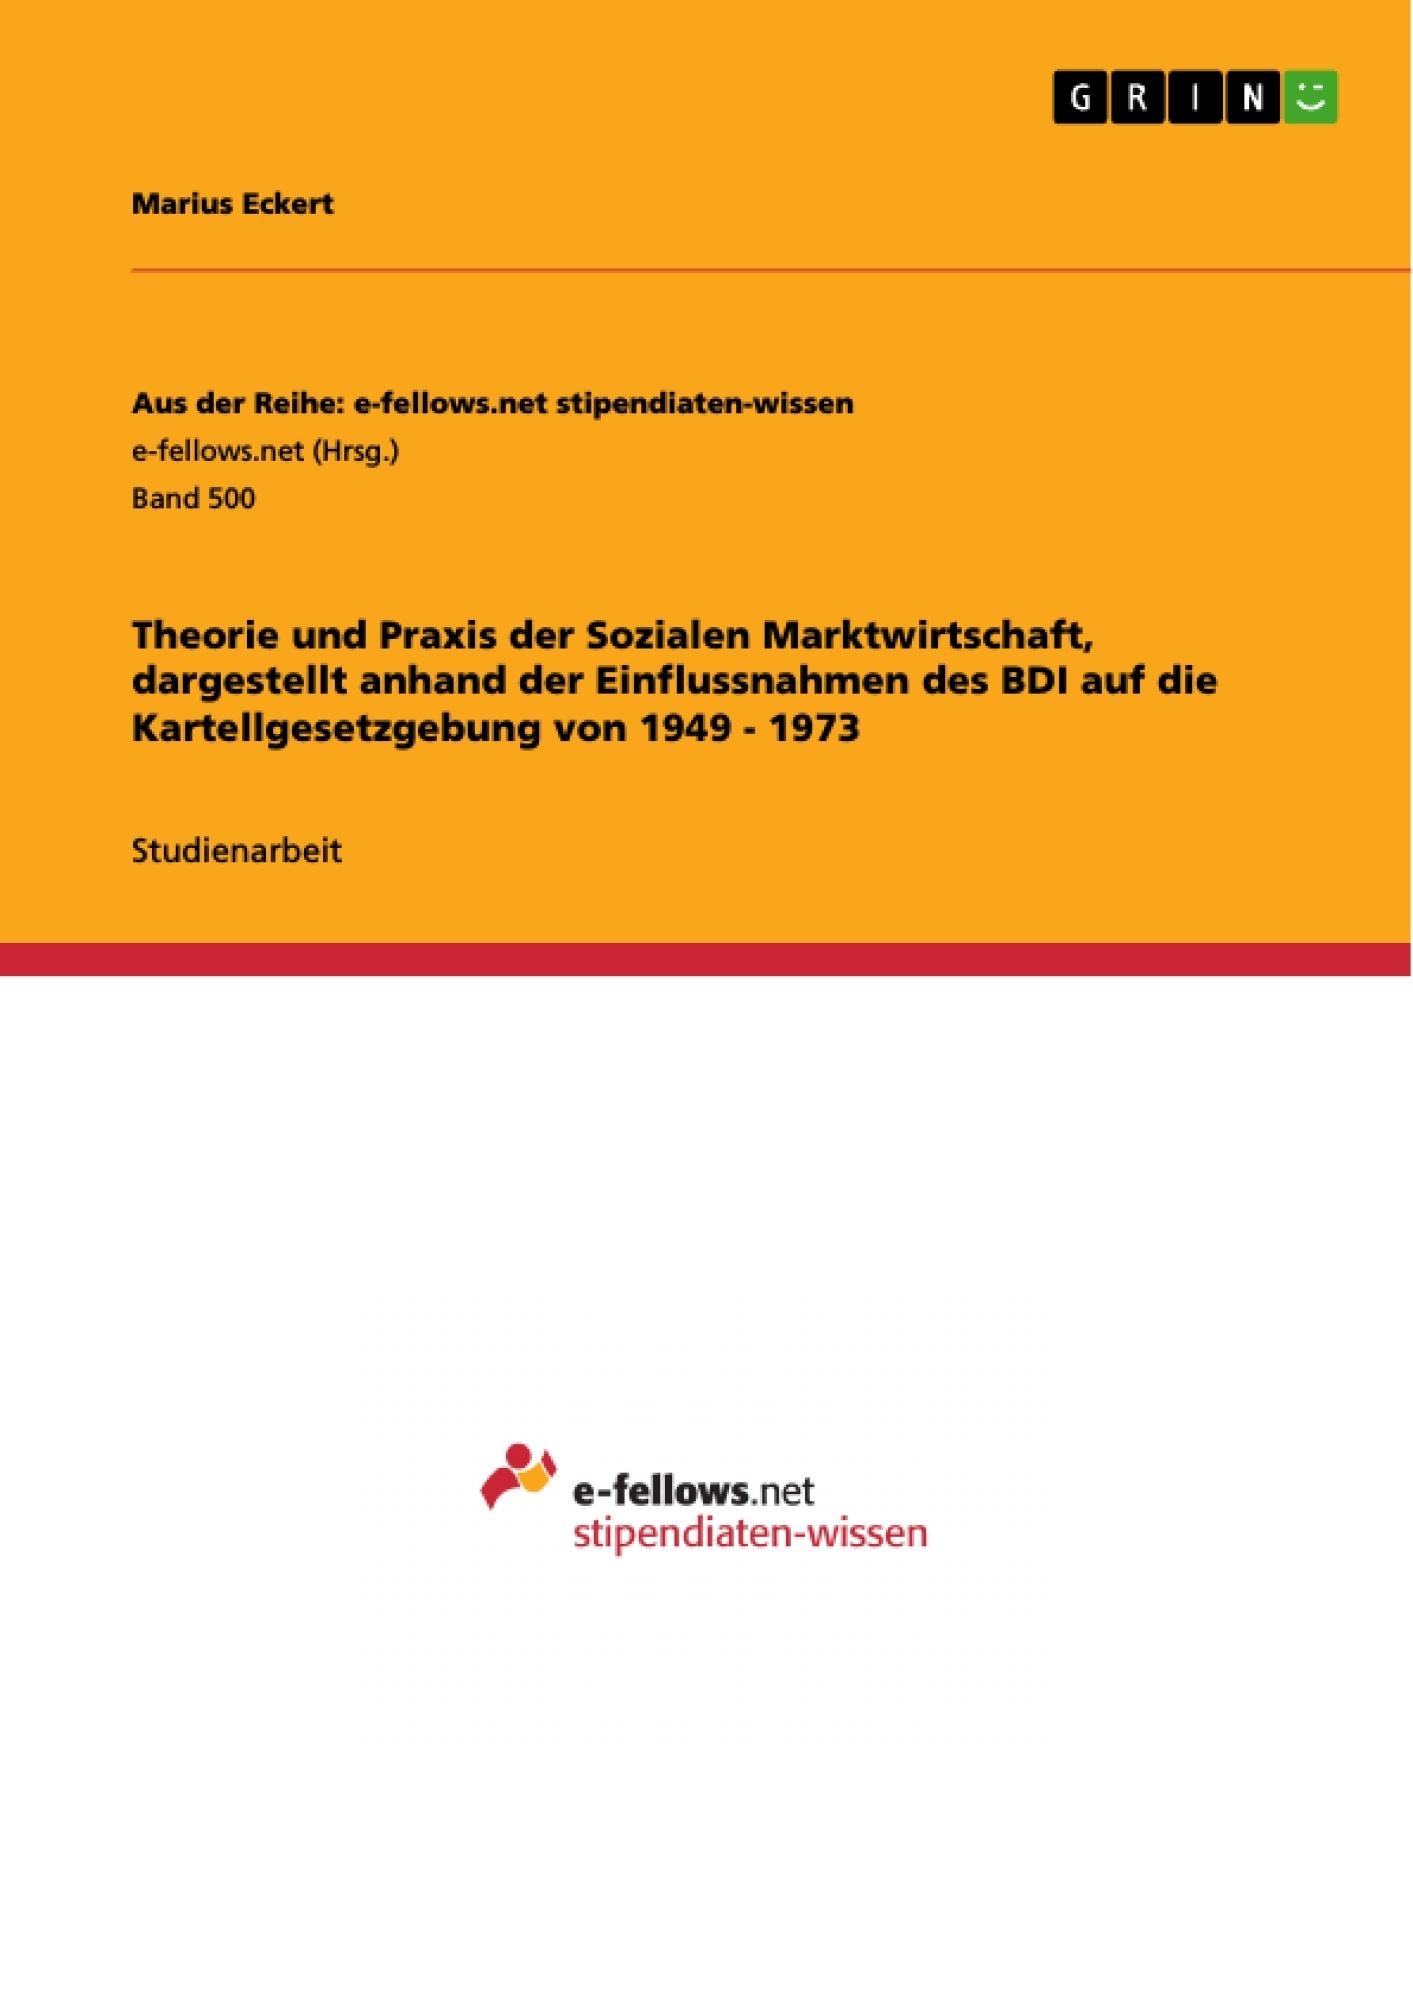 Titel: Theorie und Praxis der Sozialen Marktwirtschaft, dargestellt anhand der Einflussnahmen des BDI auf die Kartellgesetzgebung von 1949 - 1973